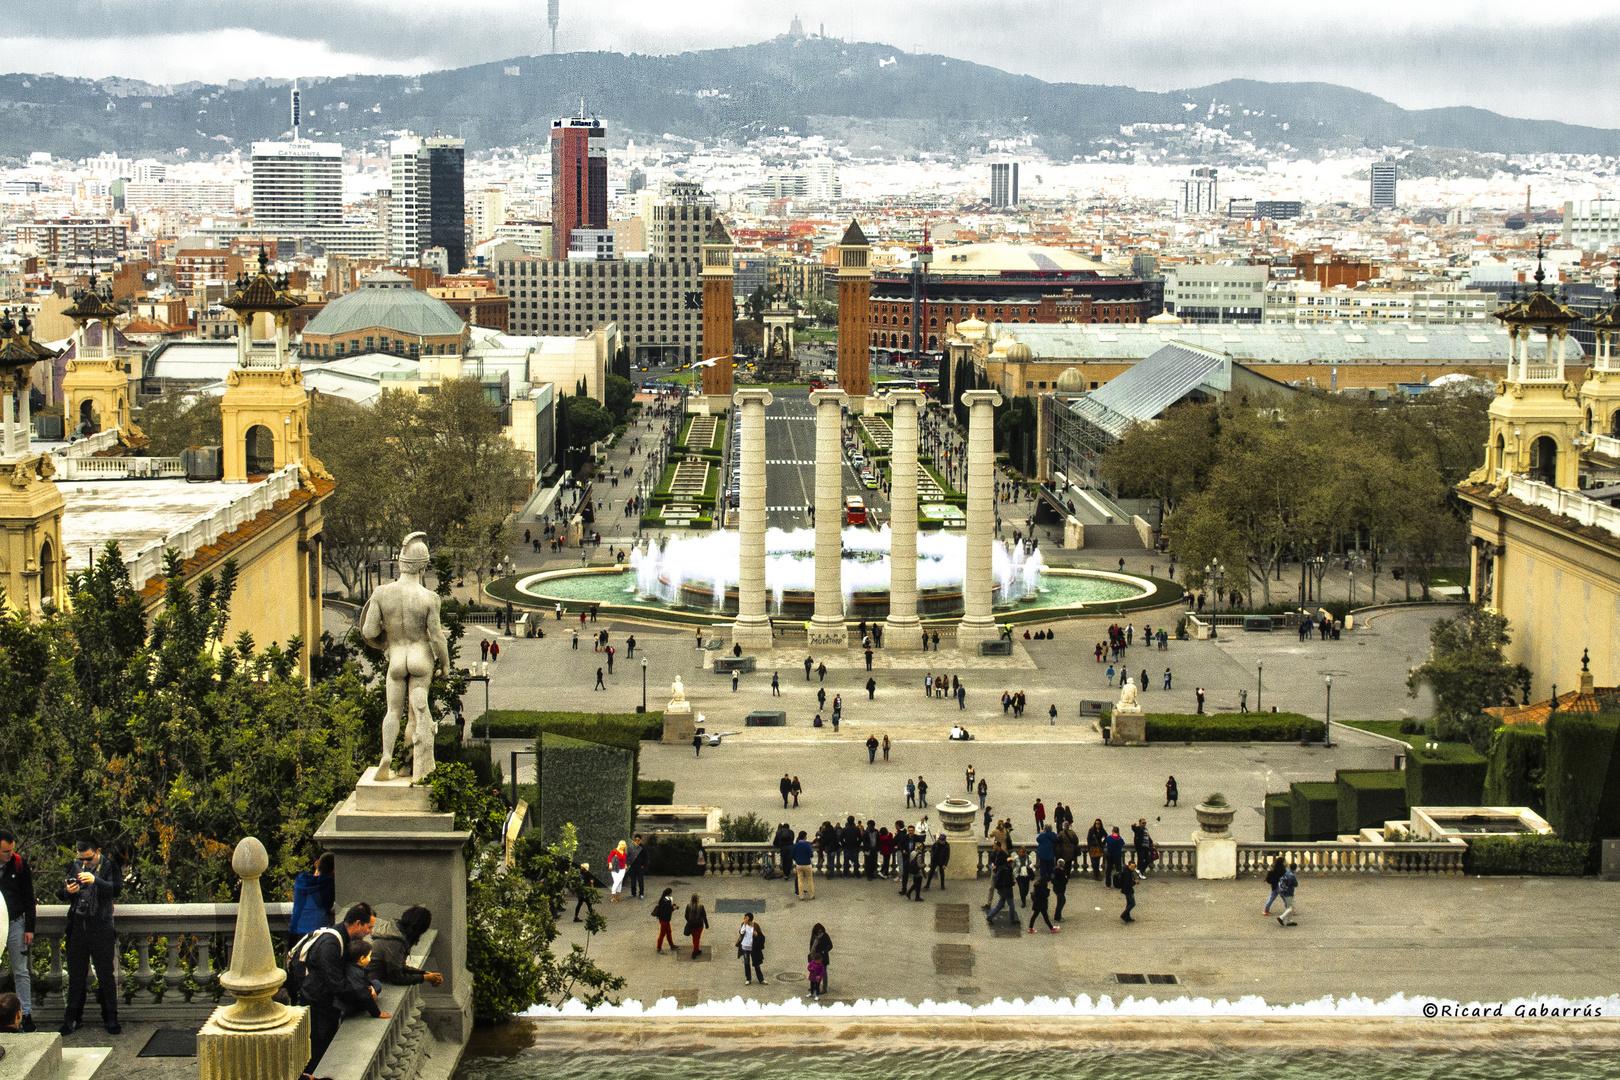 Parque de Montjuic, Barcelona